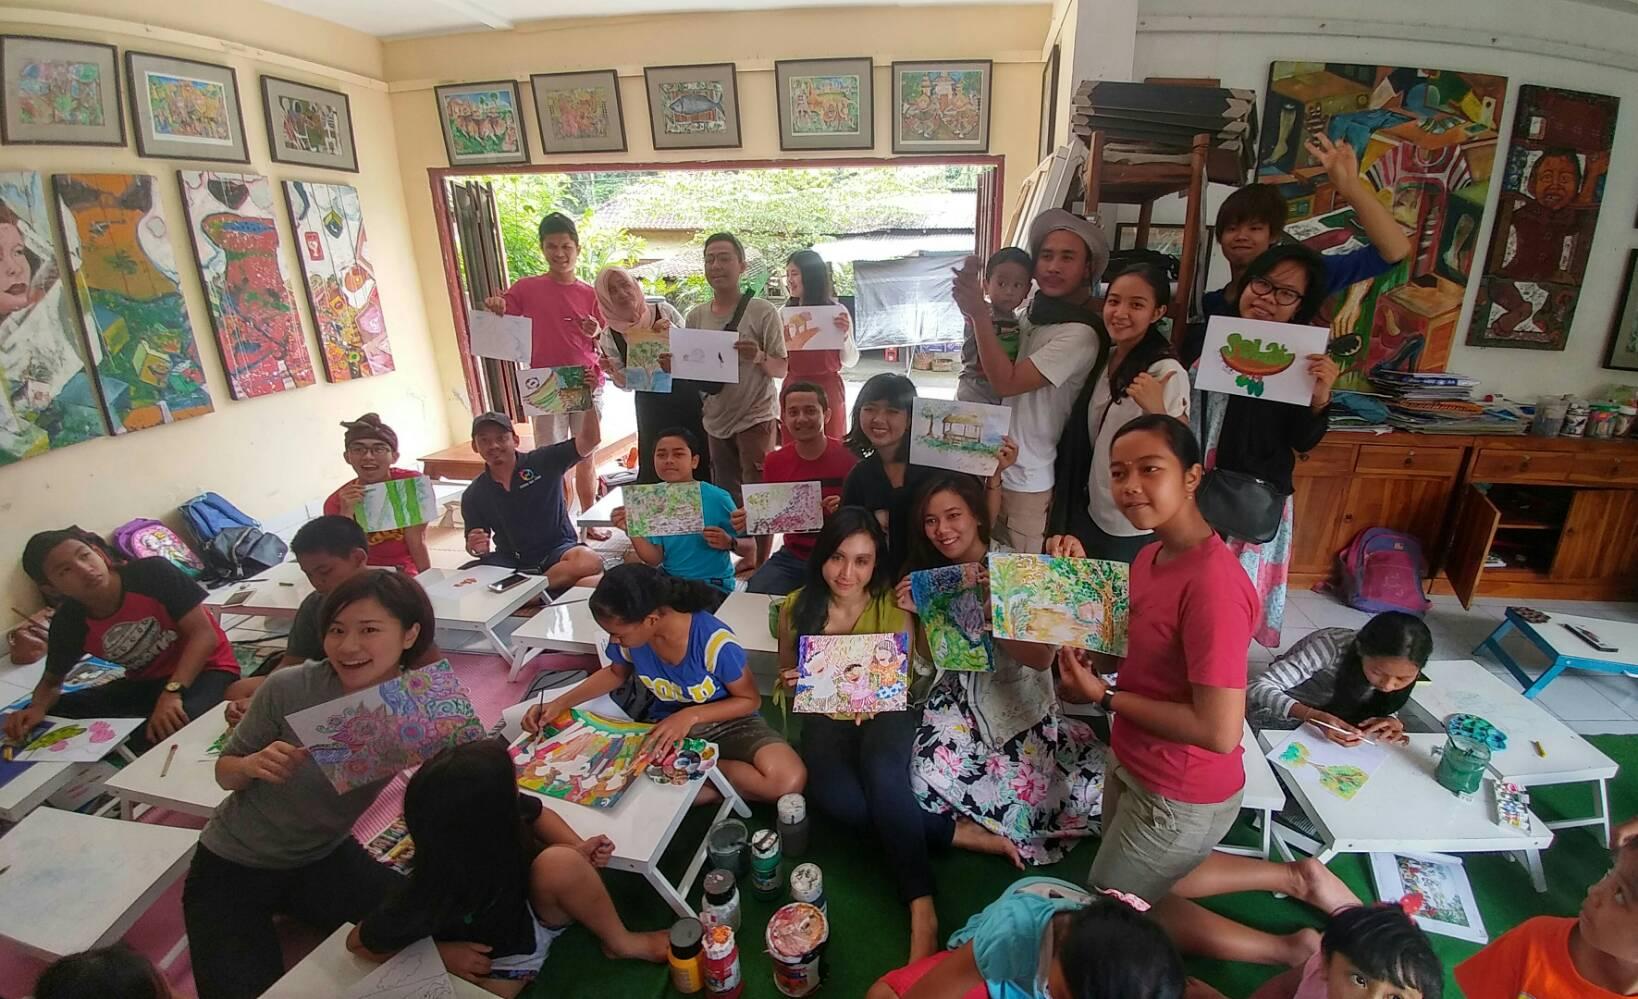 10/21バリの子どもに図書館を!~インドネシア料理を楽しみながらのチャリティランチ会~